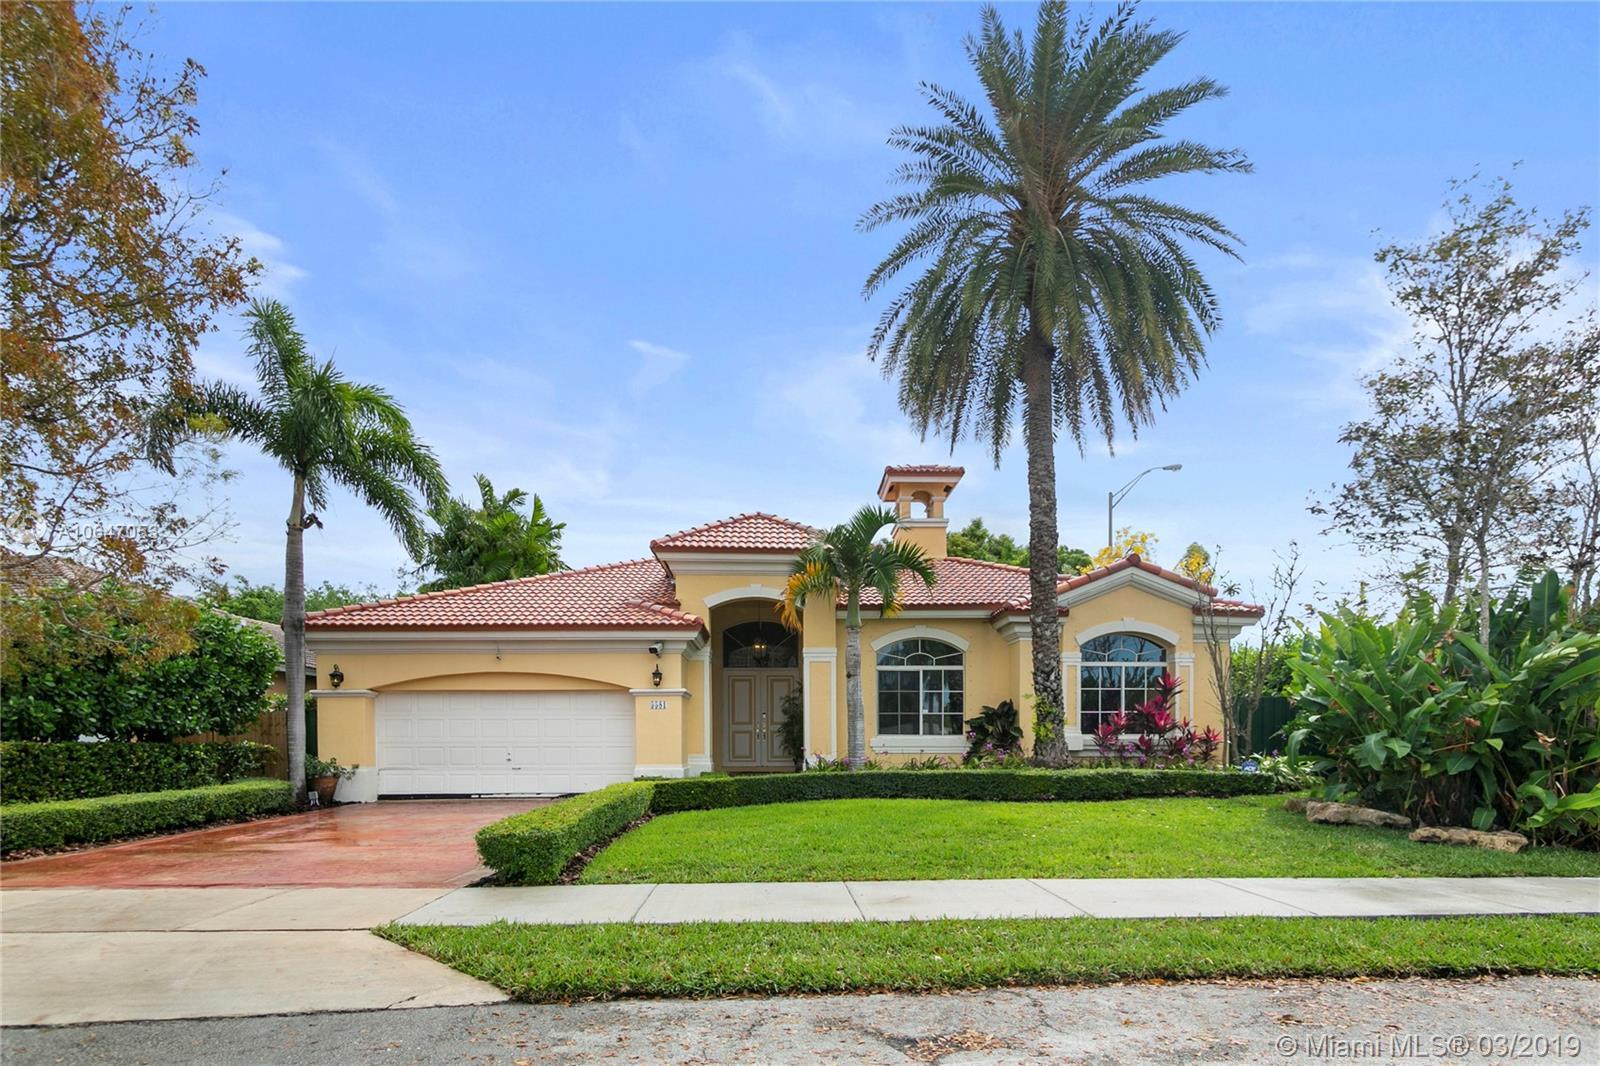 5581 SW 88th Pl, Miami, FL 33165